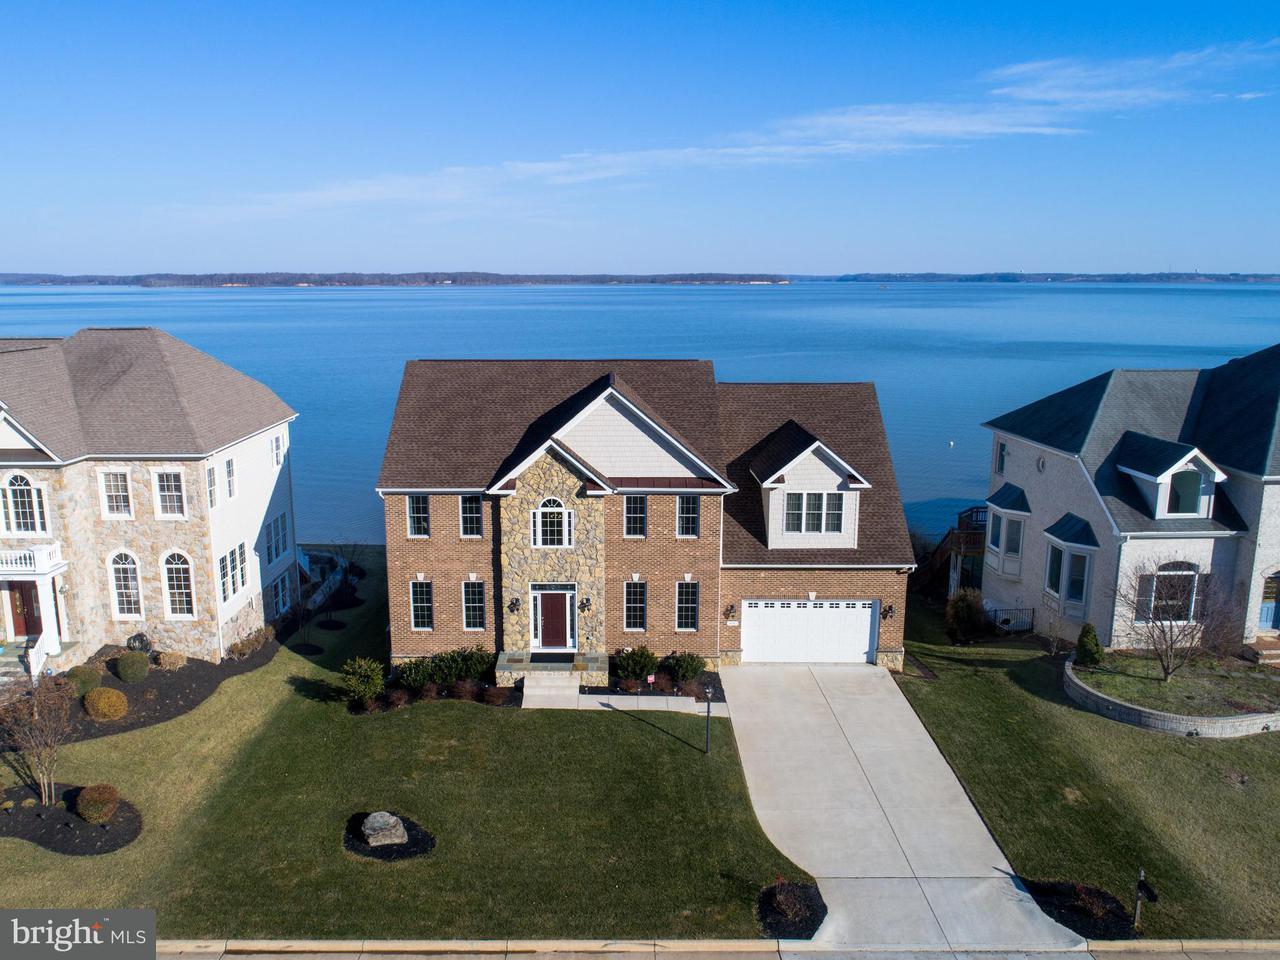 独户住宅 为 销售 在 14981 Boaters Cove Place 14981 Boaters Cove Place 伍德布里奇, 弗吉尼亚州 22191 美国